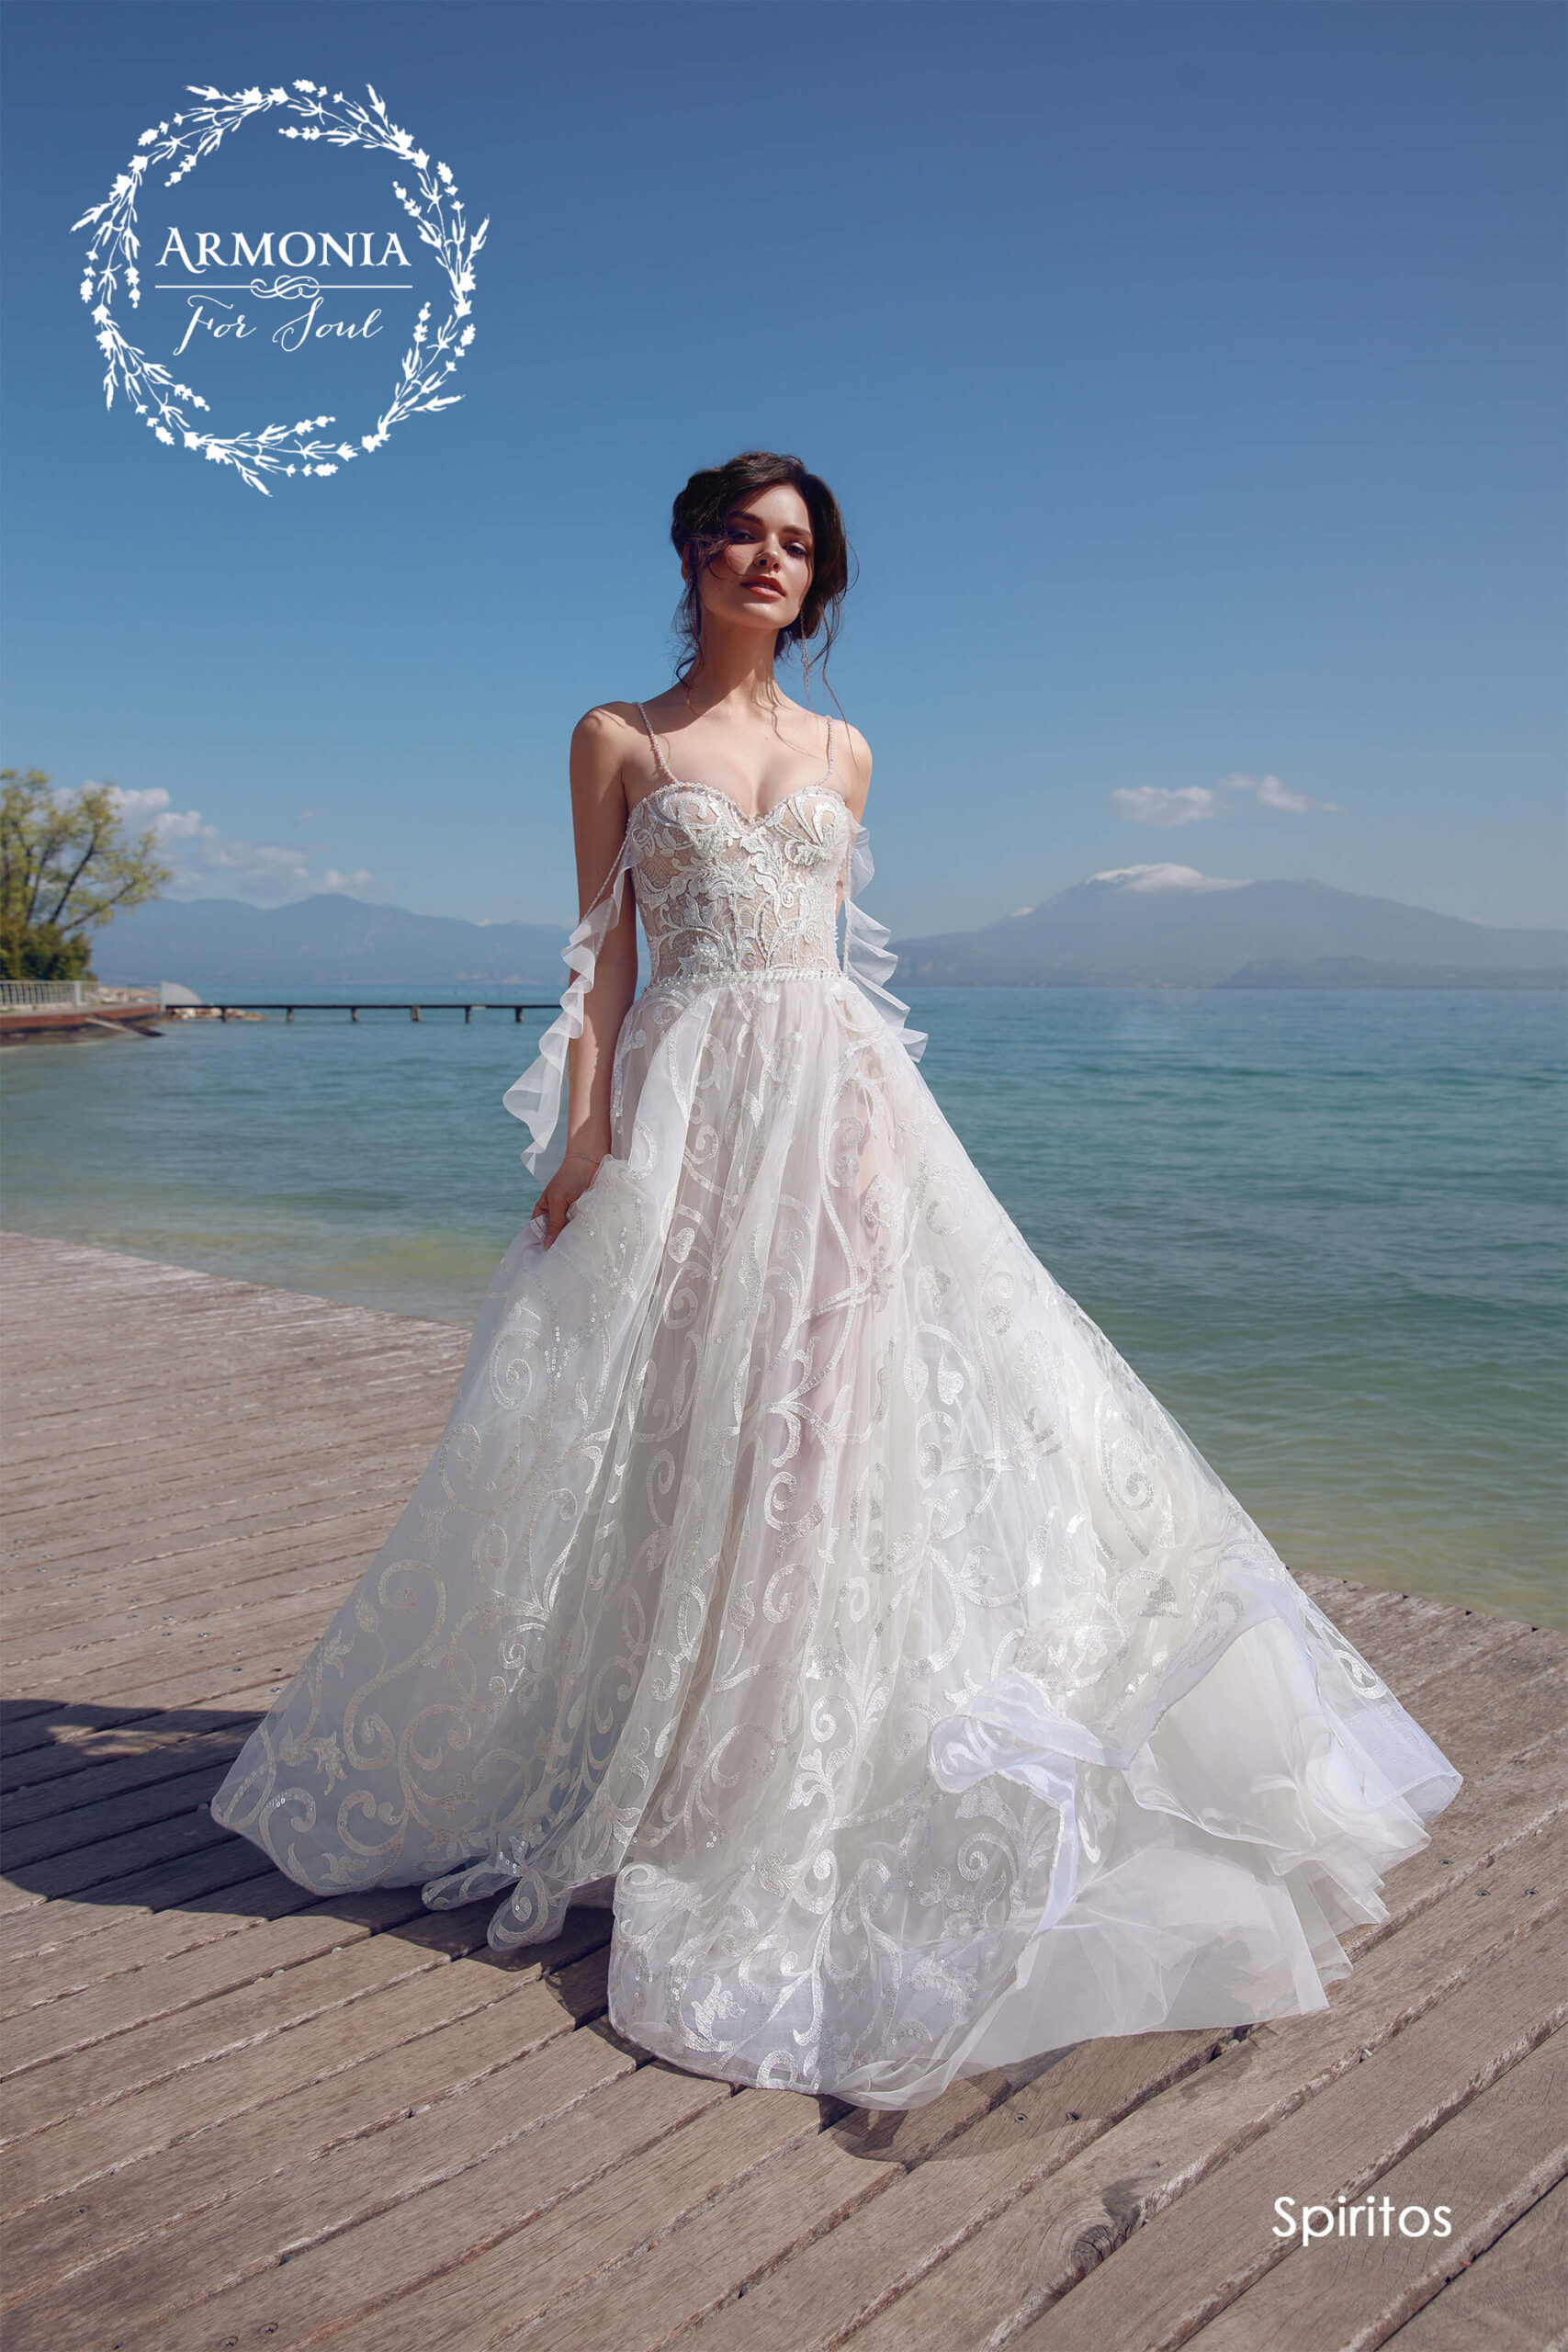 Cвадебное платье Spiritos Armonia